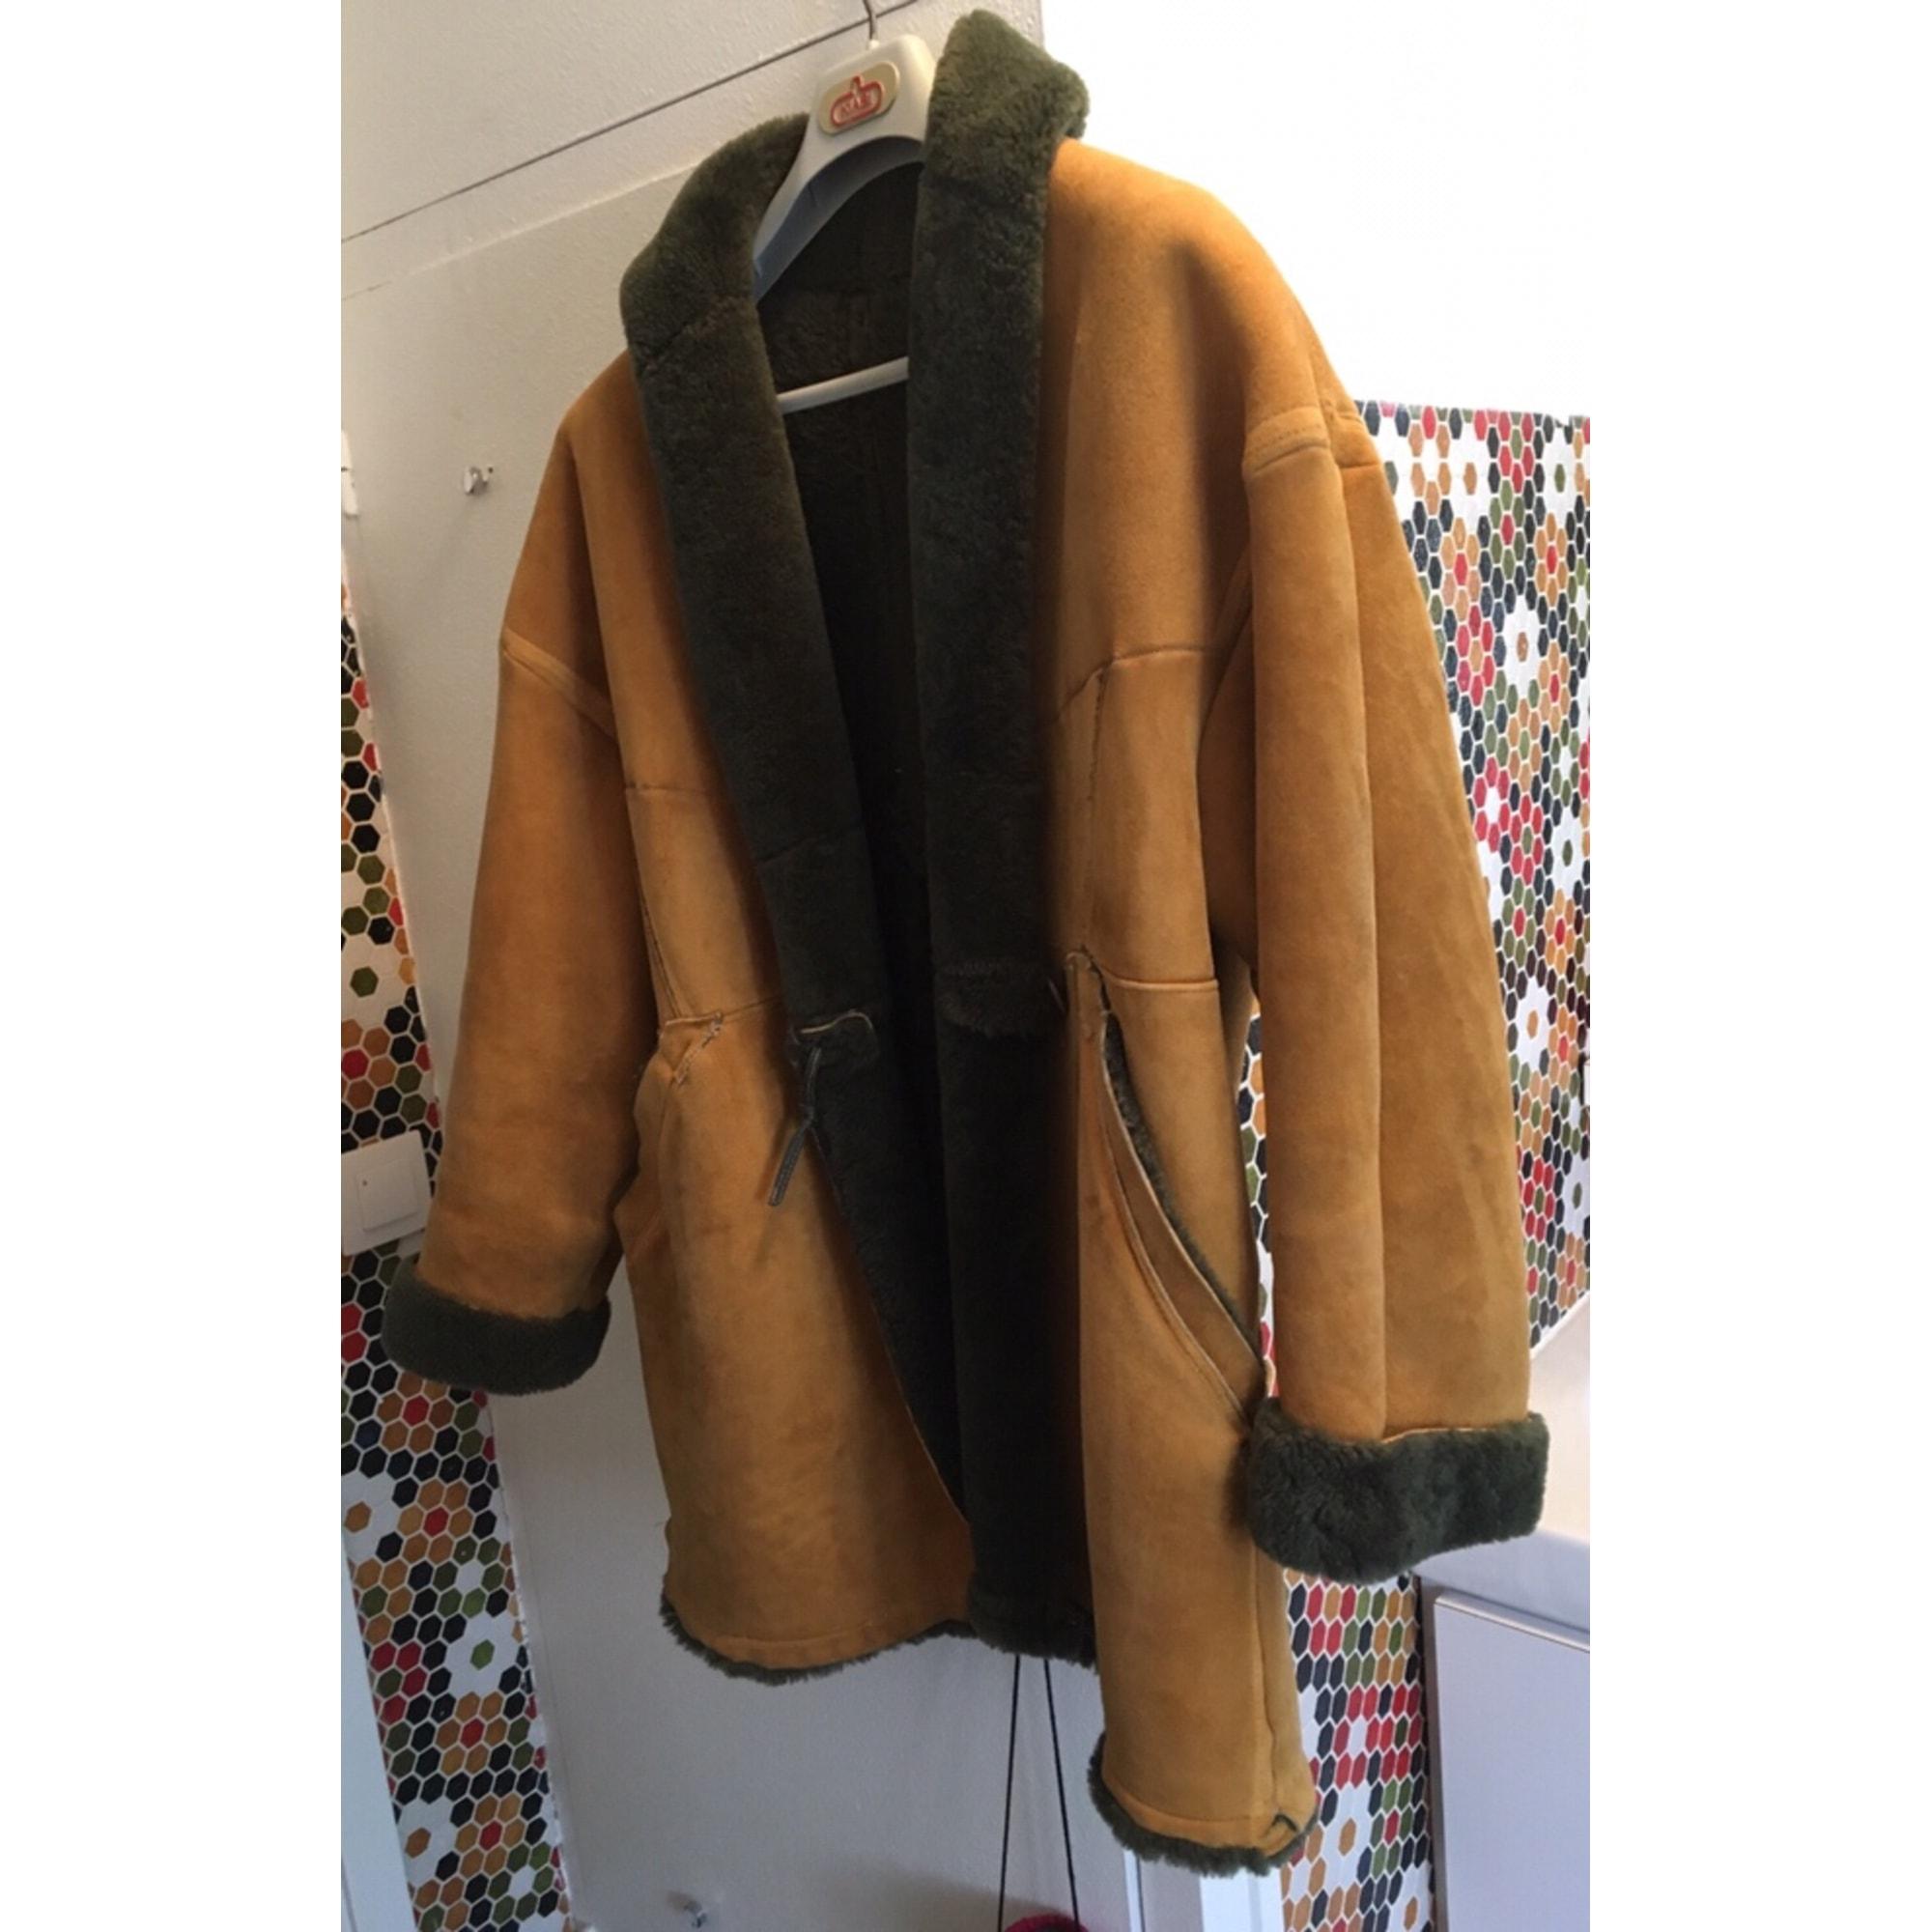 Manteau en cuir MARQUE INCONNUE Jaune